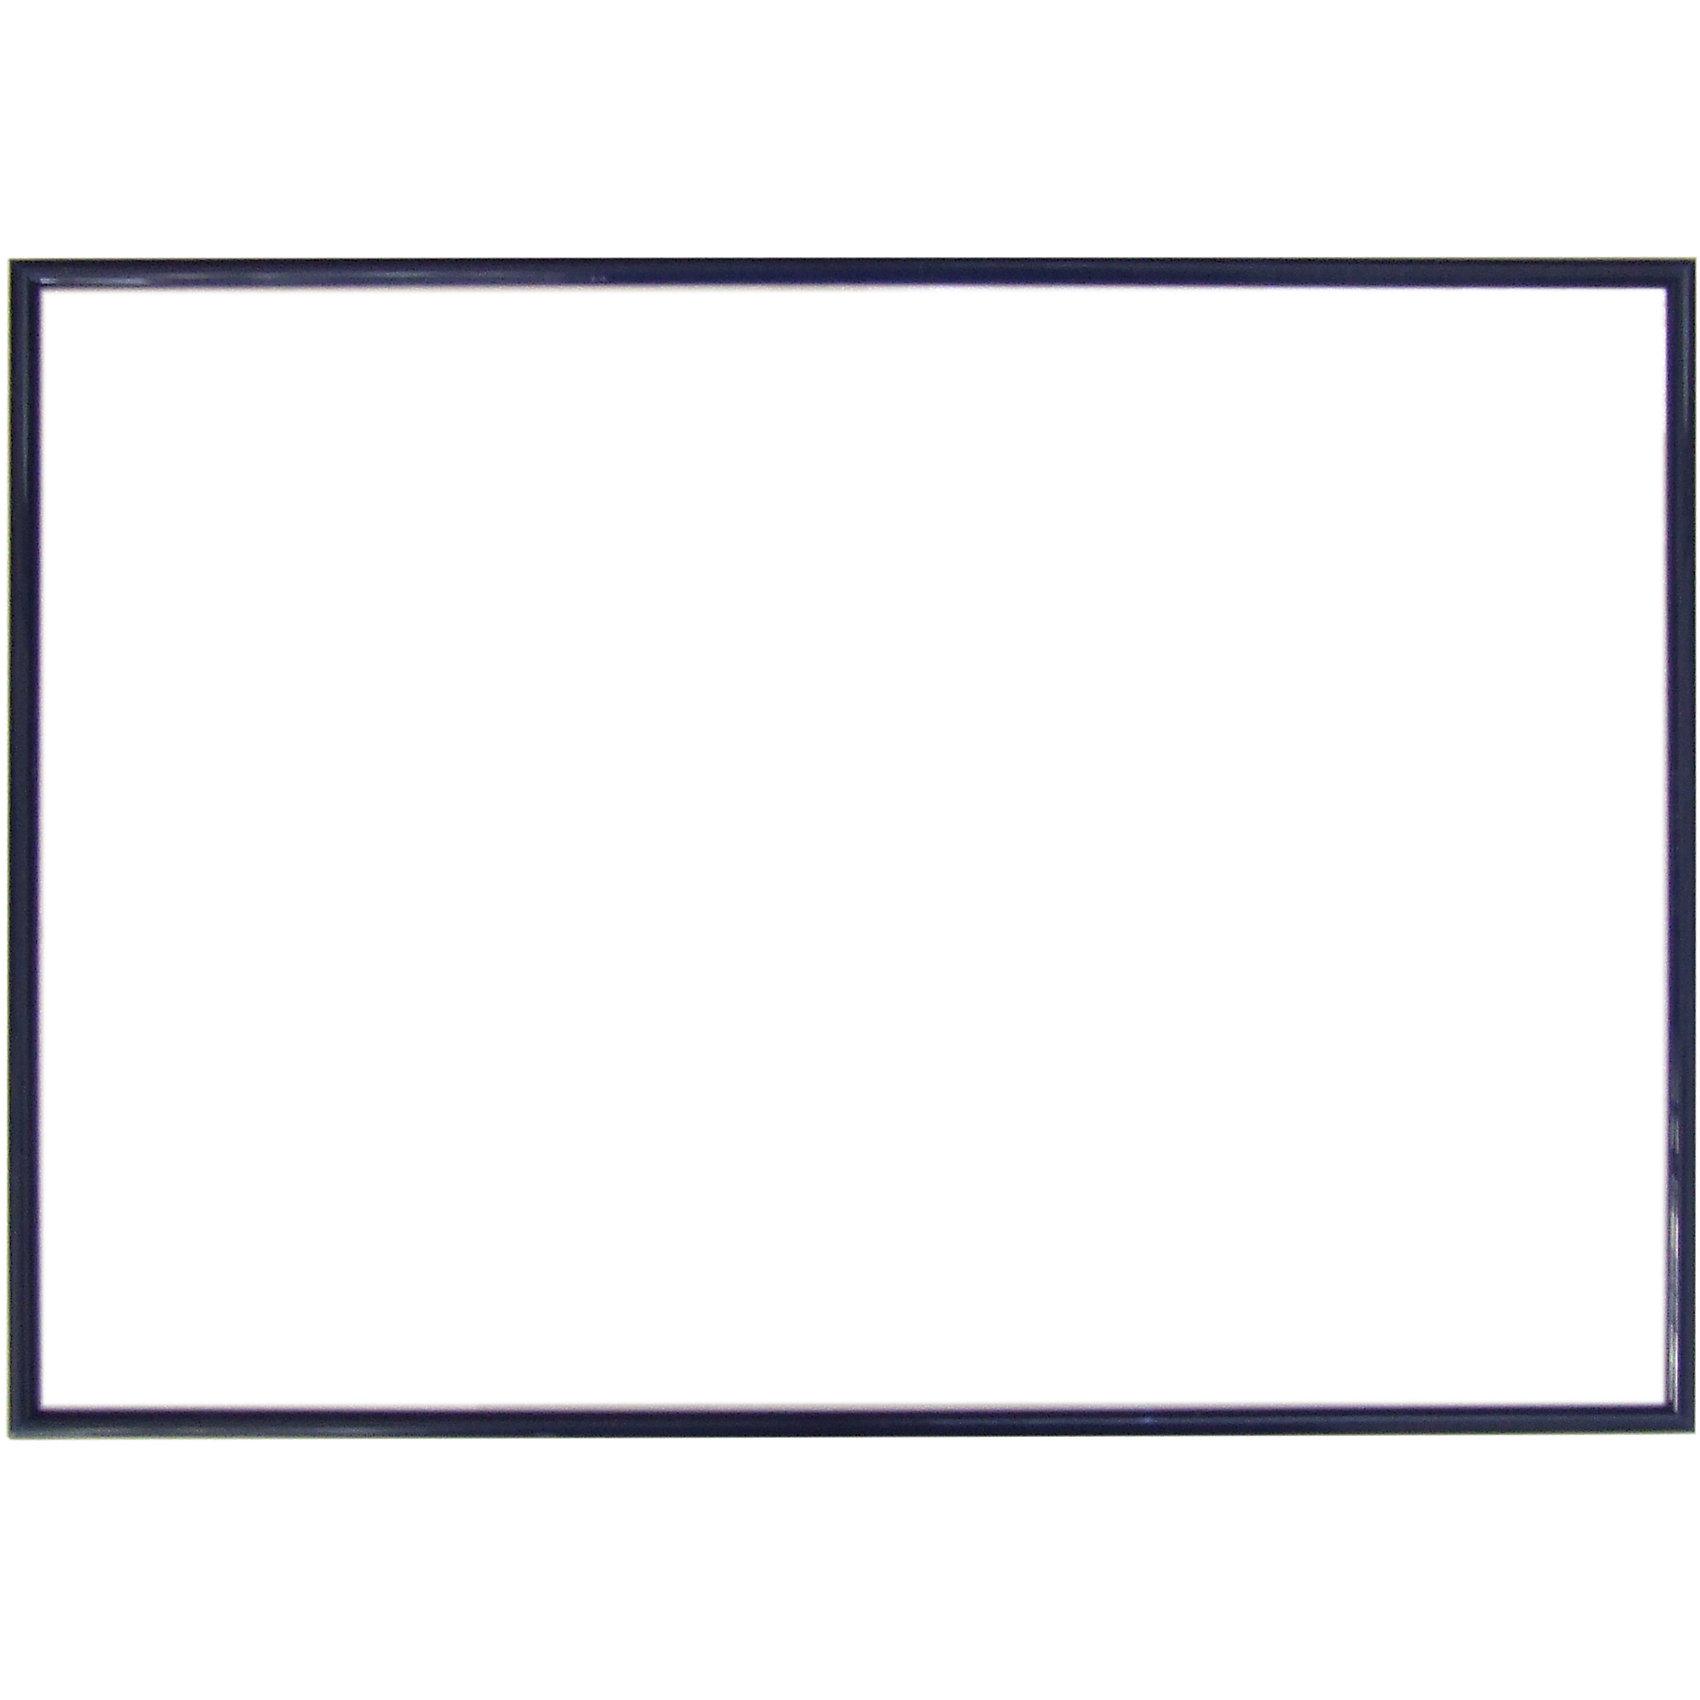 Рамка для пазла 1000/1500 деталей, 50х70 см, синяяРамка для пазла 1000/1500 деталей, 50х70 см, синяя позволит придать собранной картинке из пазлов благородный вид, словно это настоящая картина!<br><br>Дополнительная информация:<br>-Размер пазла: 50х70 см (1000/1500 деталей)<br>-Цвет рамы: синий<br>-Материалы: пластик<br>-Ширина профиля: 1 см<br><br>Рамку для пазла 1000/1500 деталей, 50х70 см, синяя можно купить в нашем магазине.<br><br>Ширина мм: 500<br>Глубина мм: 700<br>Высота мм: 20<br>Вес г: 500<br>Возраст от месяцев: 72<br>Возраст до месяцев: 192<br>Пол: Унисекс<br>Возраст: Детский<br>SKU: 4244031